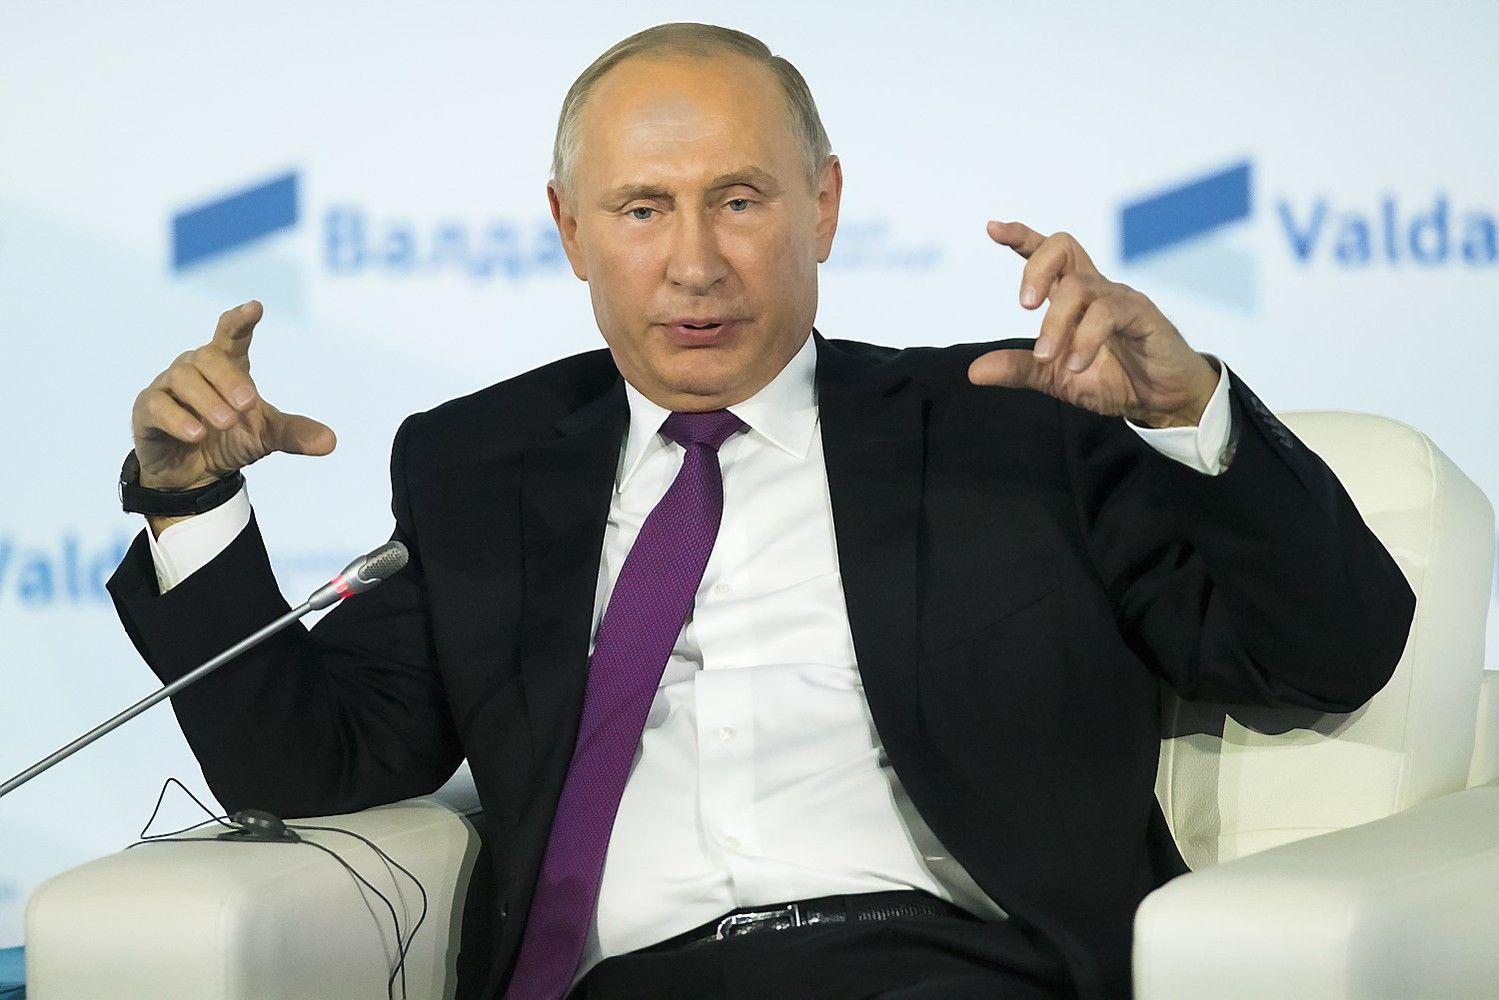 Putinas apkaltino Vakarų pasaulį išdavyste, neatskleidė ar dalyvaus rinkimuose